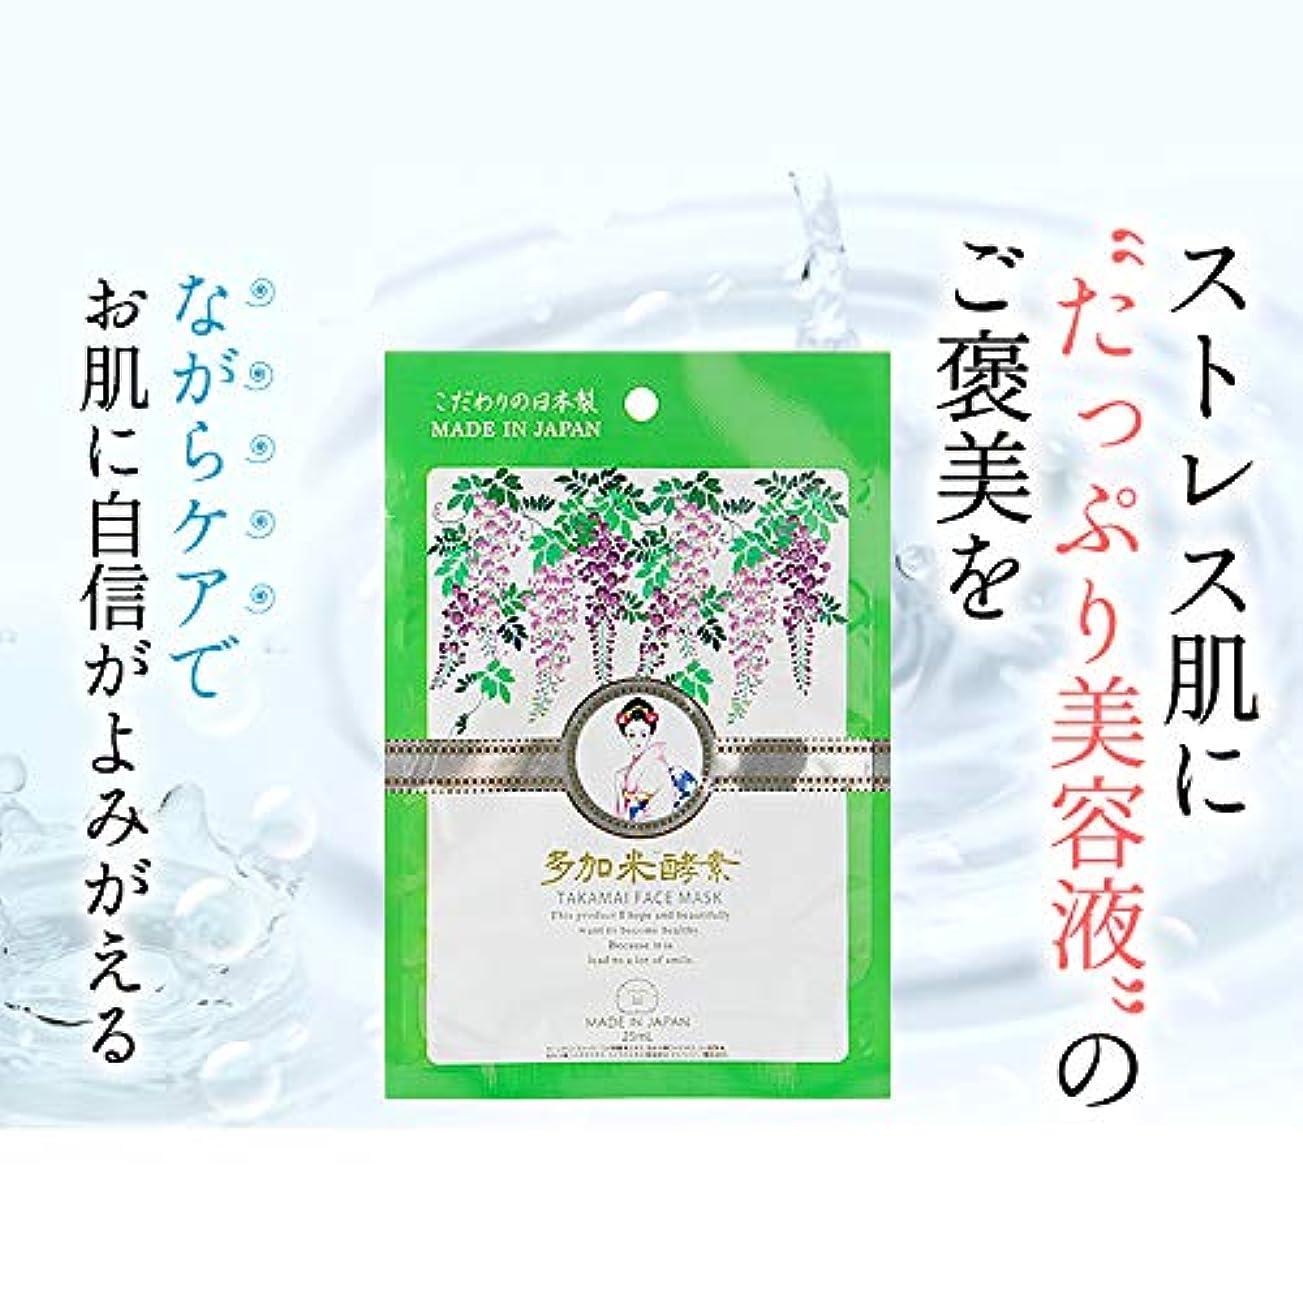 溶けるはしご主張する多加米酵素フェイスマスク シートマスク フェイスマスク 保湿マスク 美容液 25ml 20枚セット